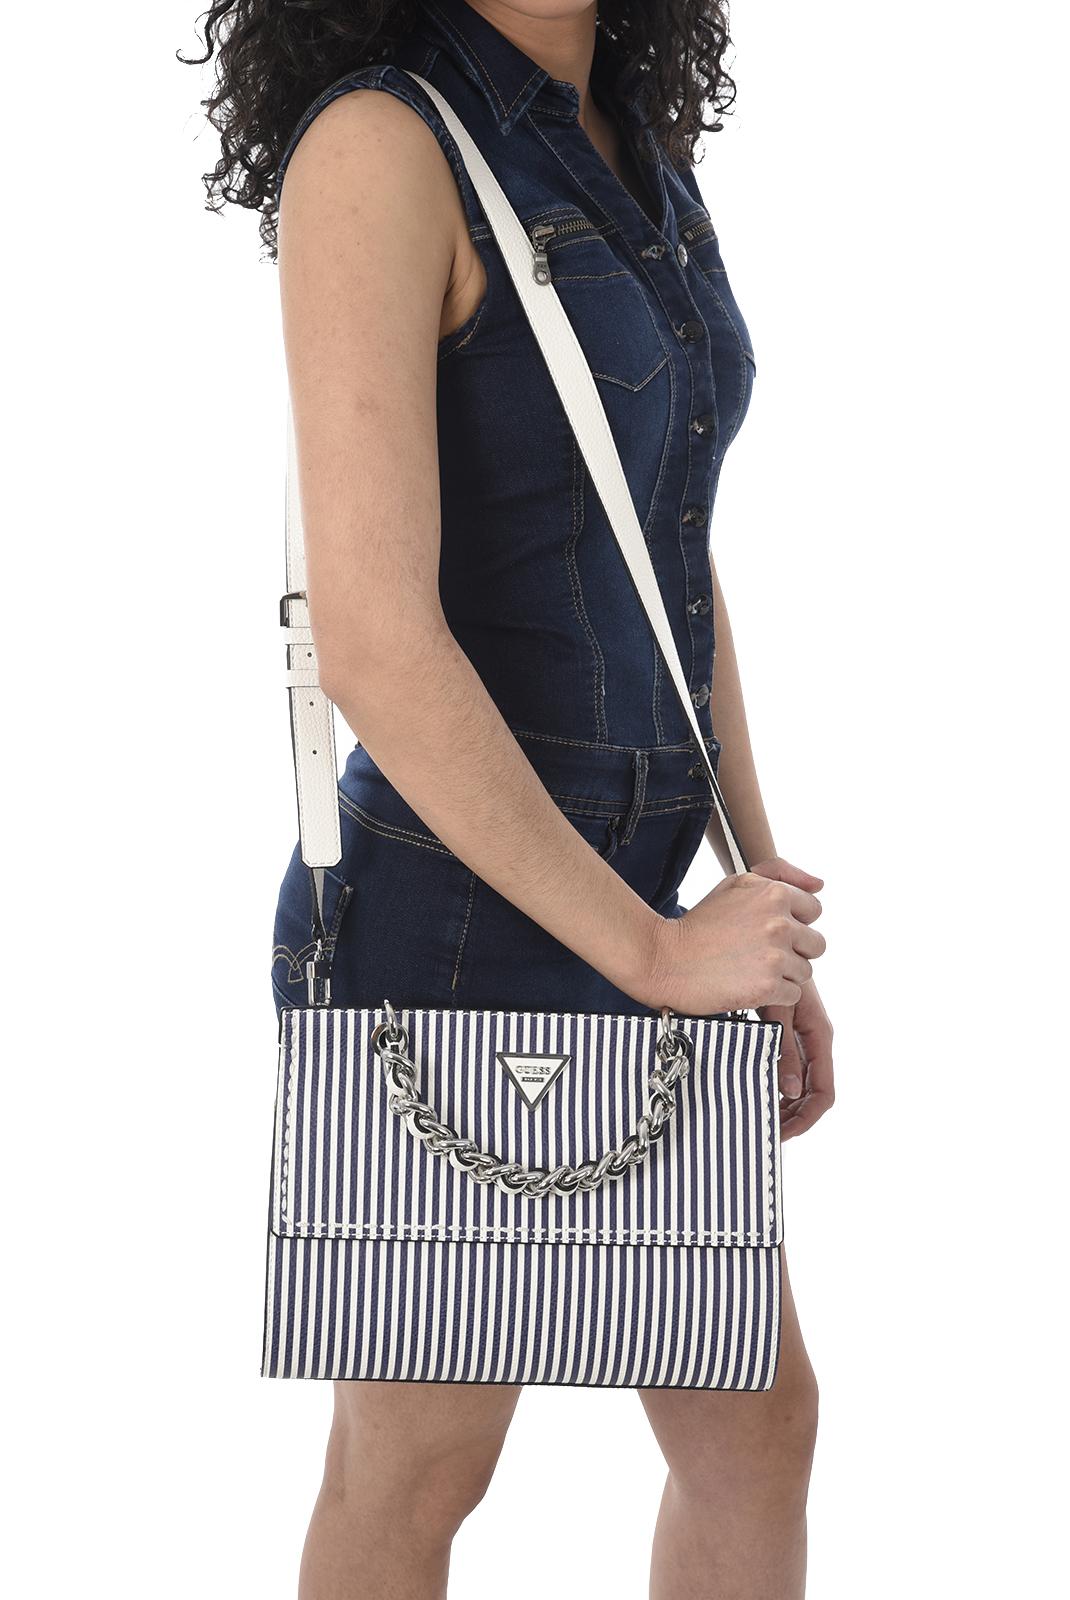 Sacs à Main  Guess jeans HWST69 59190 BLUE STRIPE